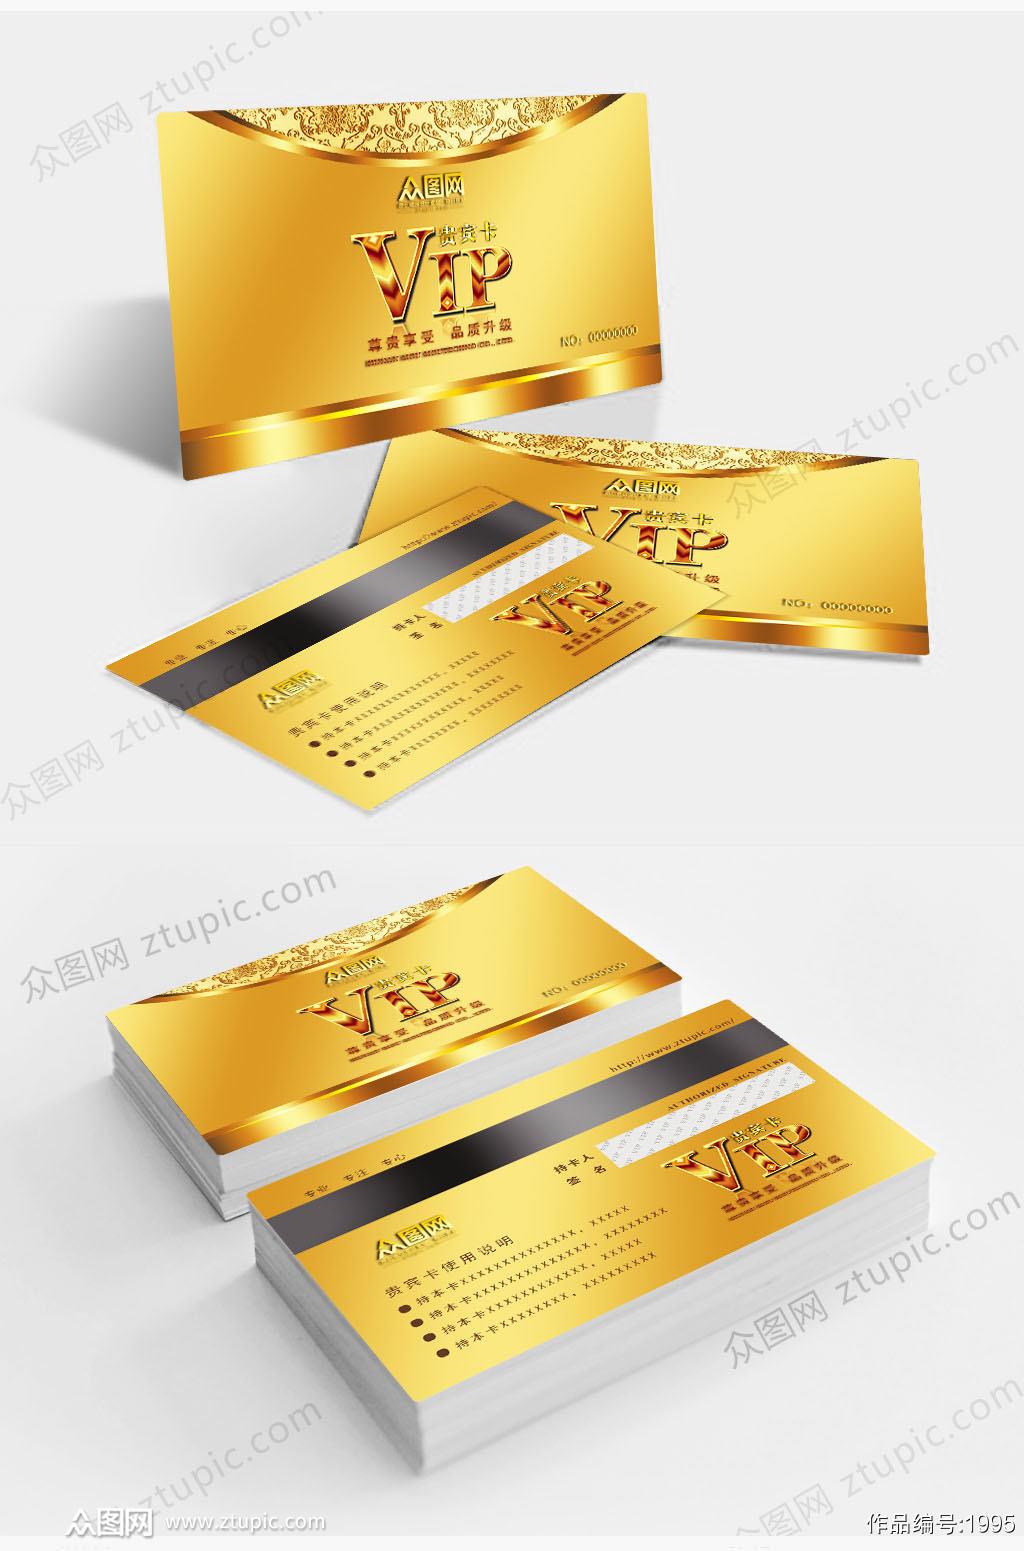 中国风荷花vip会员卡设计模板素材